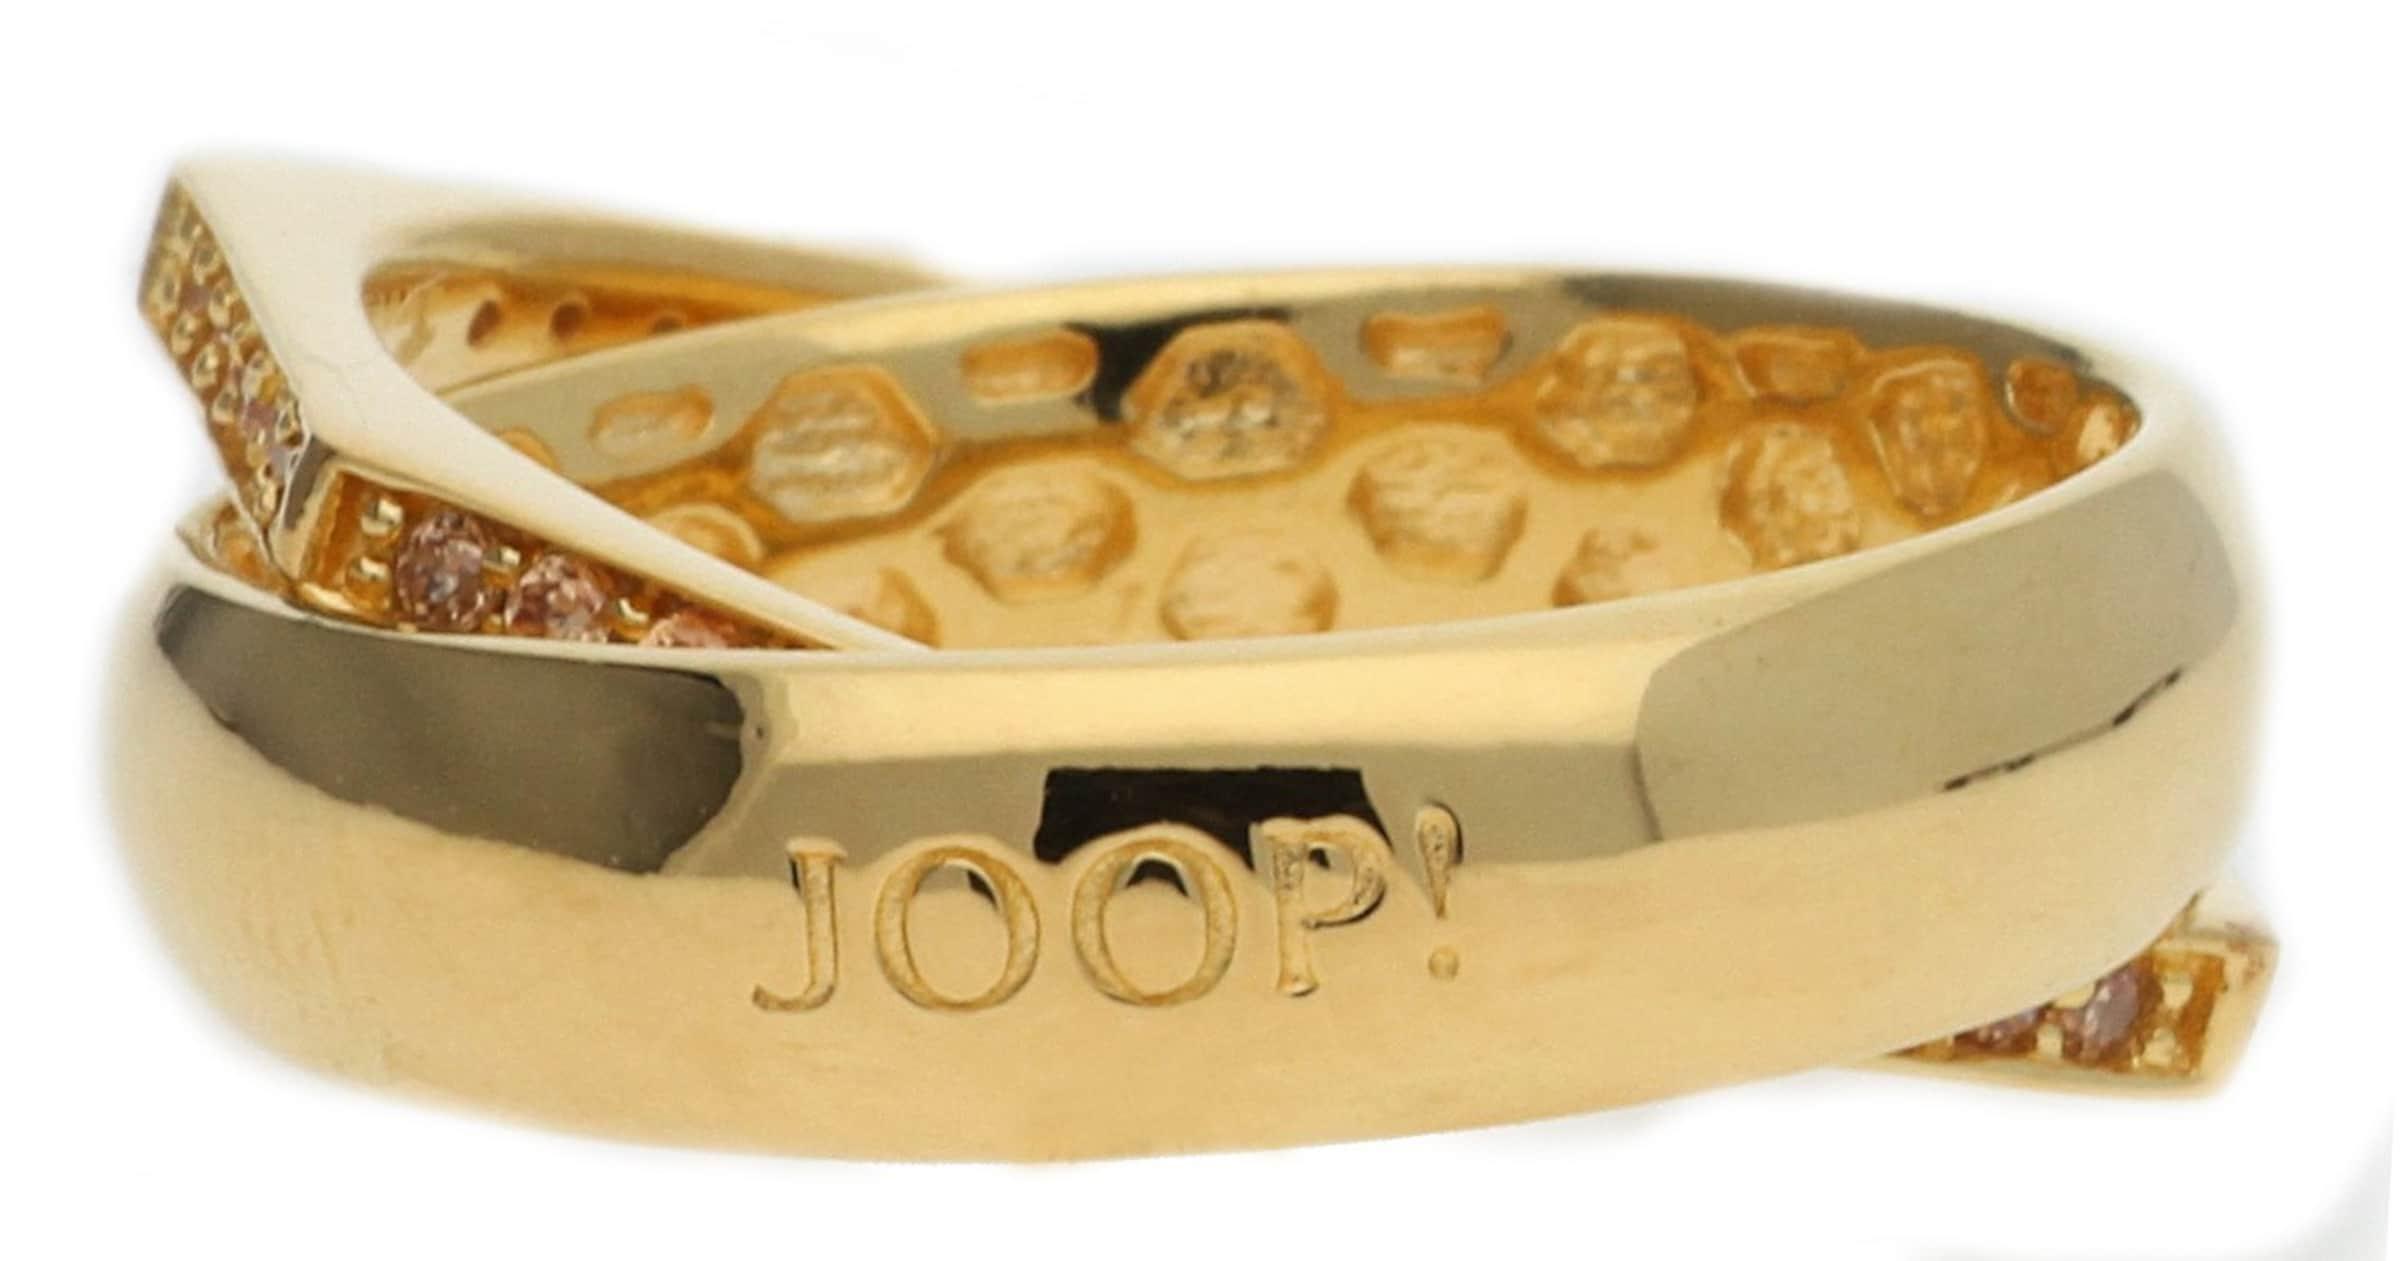 JOOP! Damen Fingerring Silber Gold Edged Guter Service Klassisch Günstige Preise Extrem Online Steckdose Genießen rJ8ib